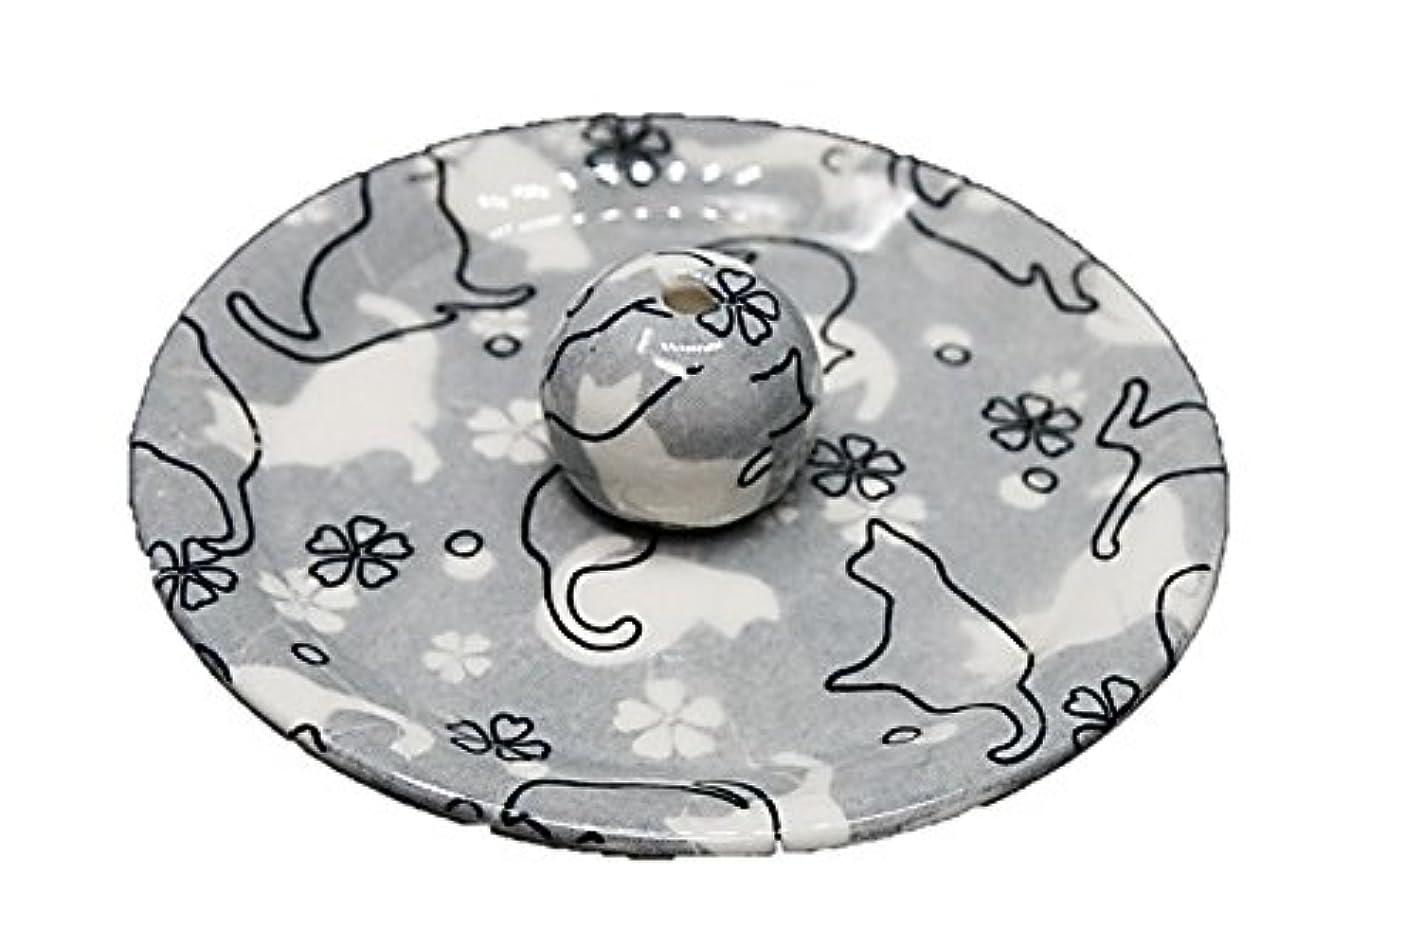 ブラウスウッズ機械9-48 ねこランド(グレー) 9cm香皿 日本製 お香立て 陶器 猫柄